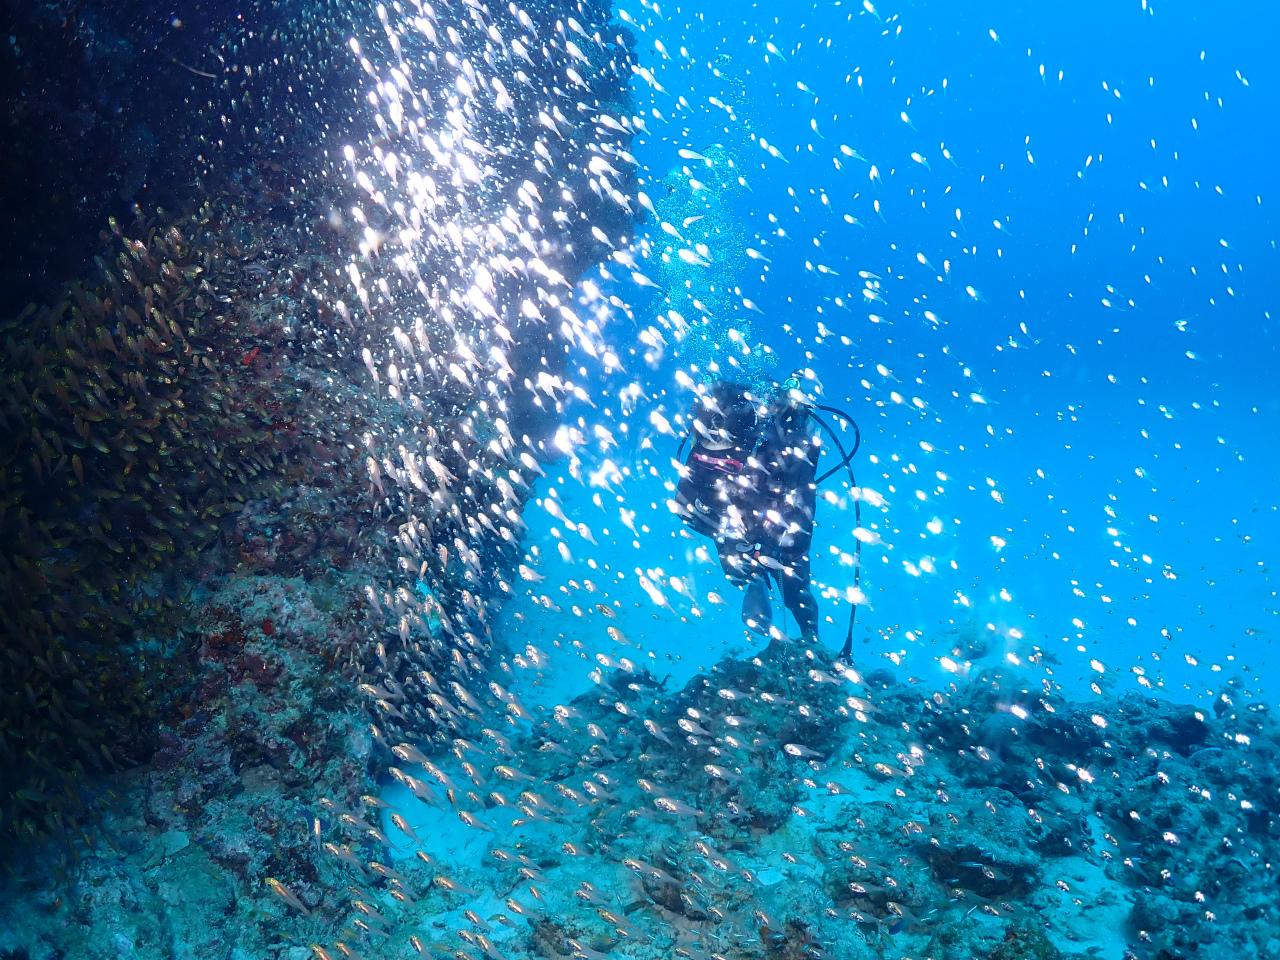 糸満 ダイビング 沖縄 観光 海